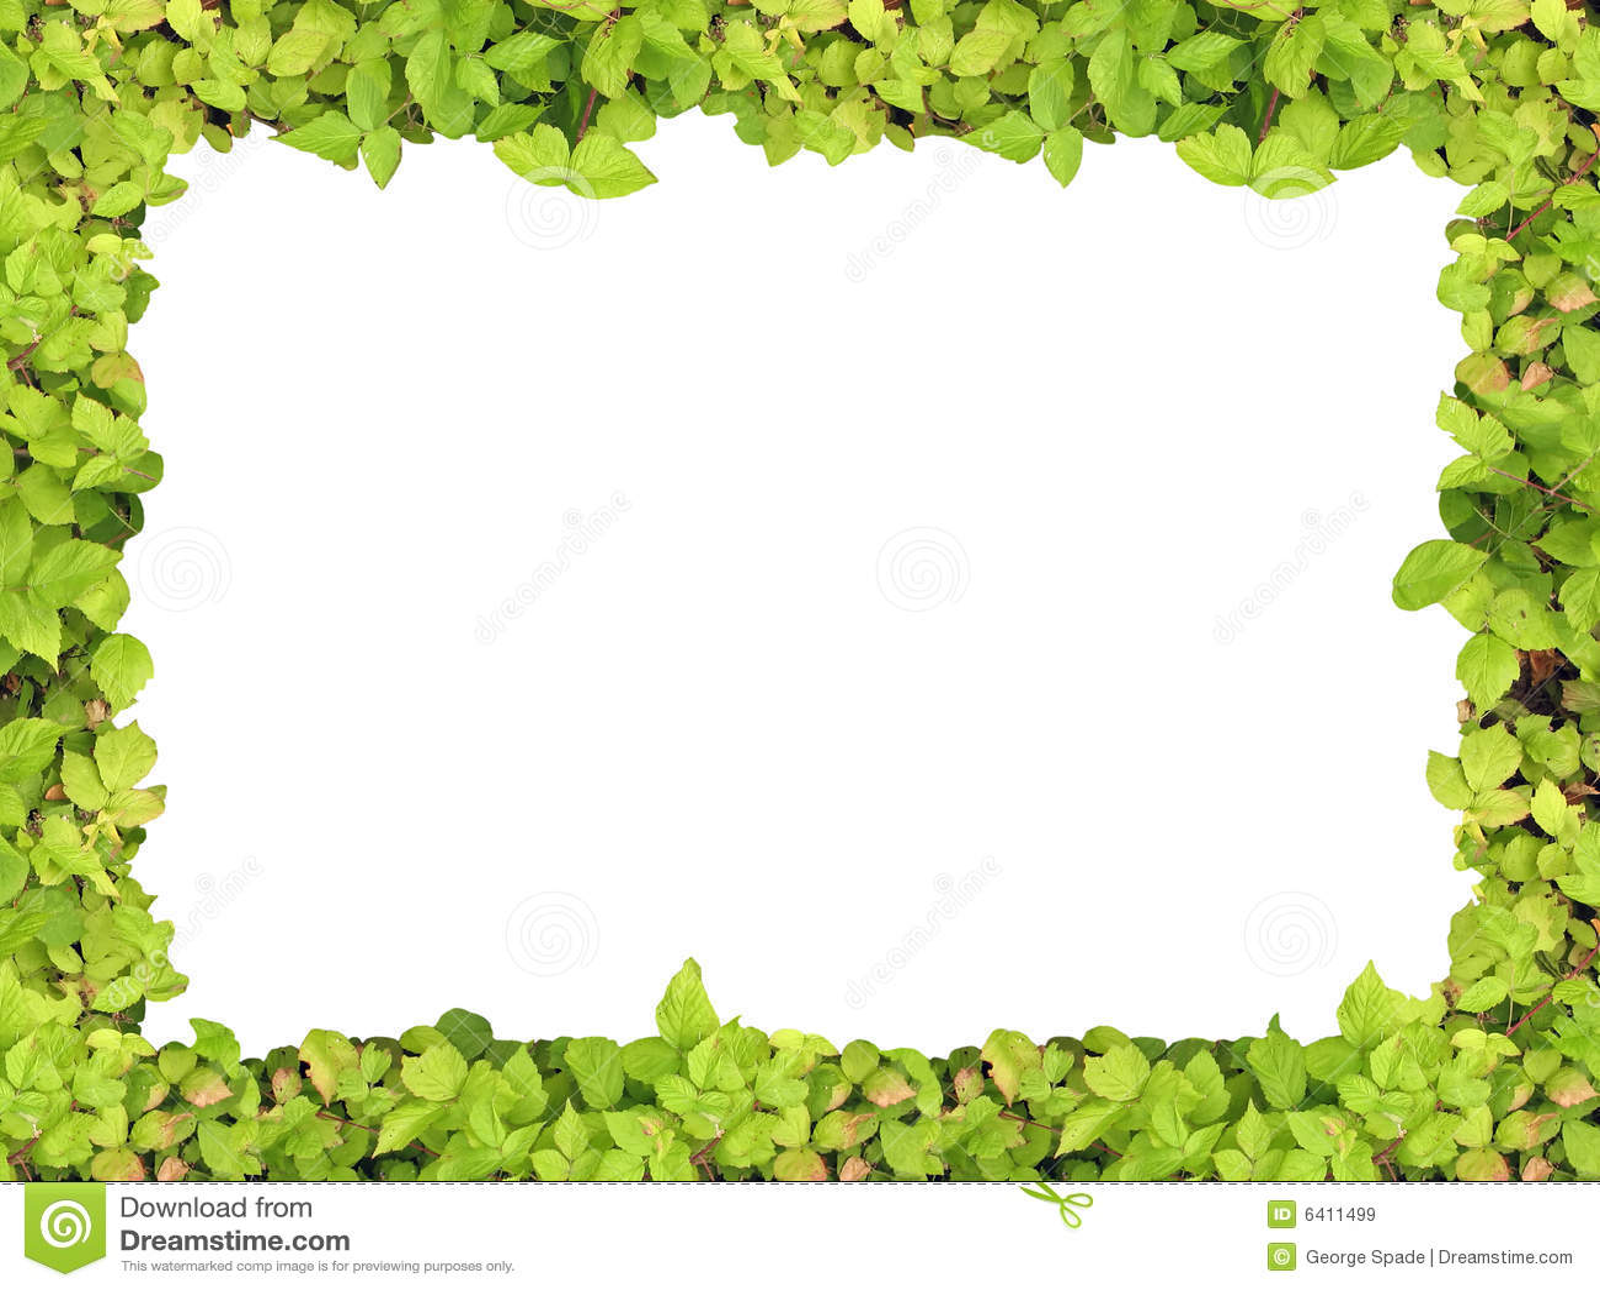 Vegetable garden border clipart vegetable garden border - Vegetable Garden Border Clipart